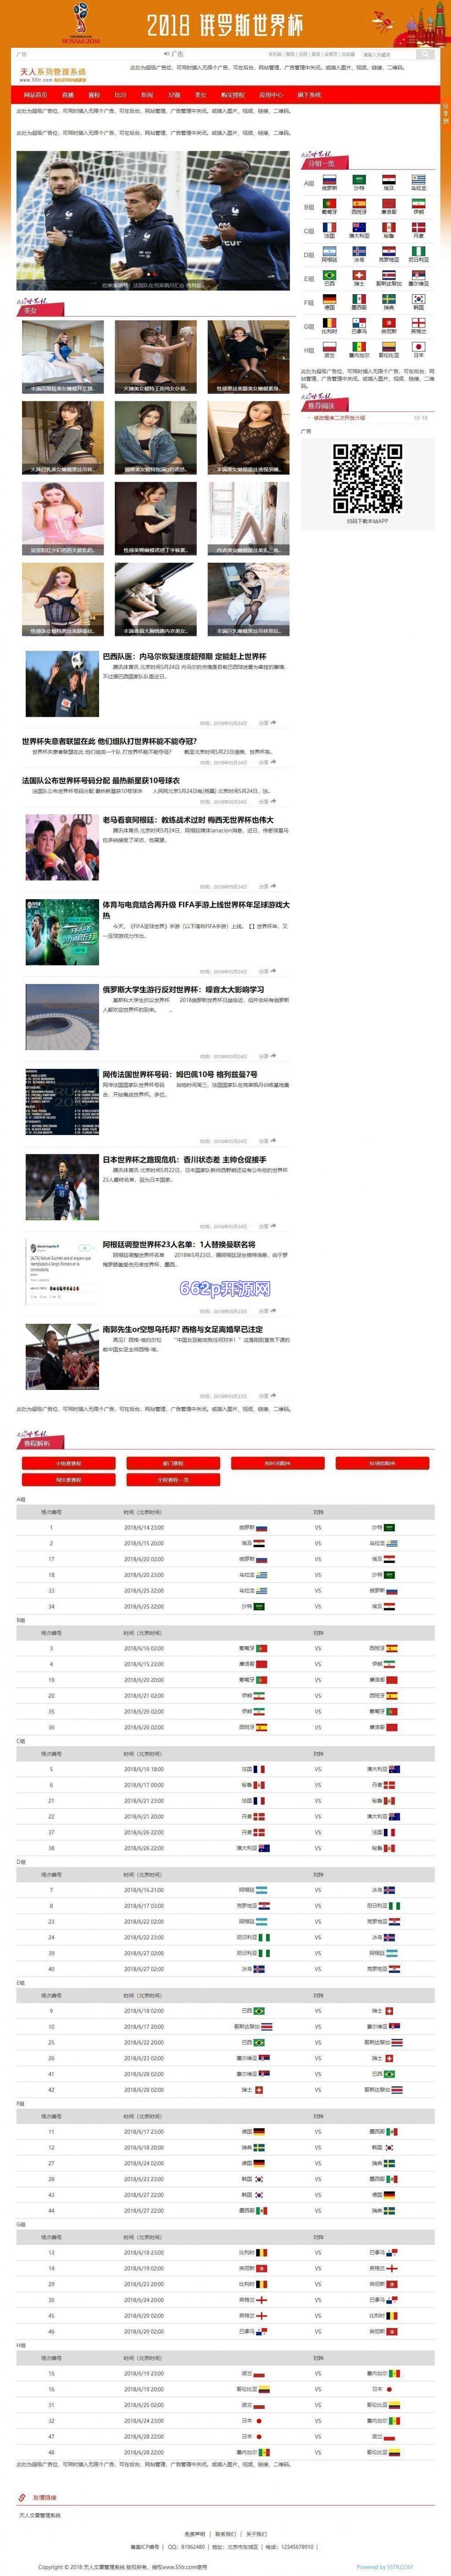 足球资讯网站源码